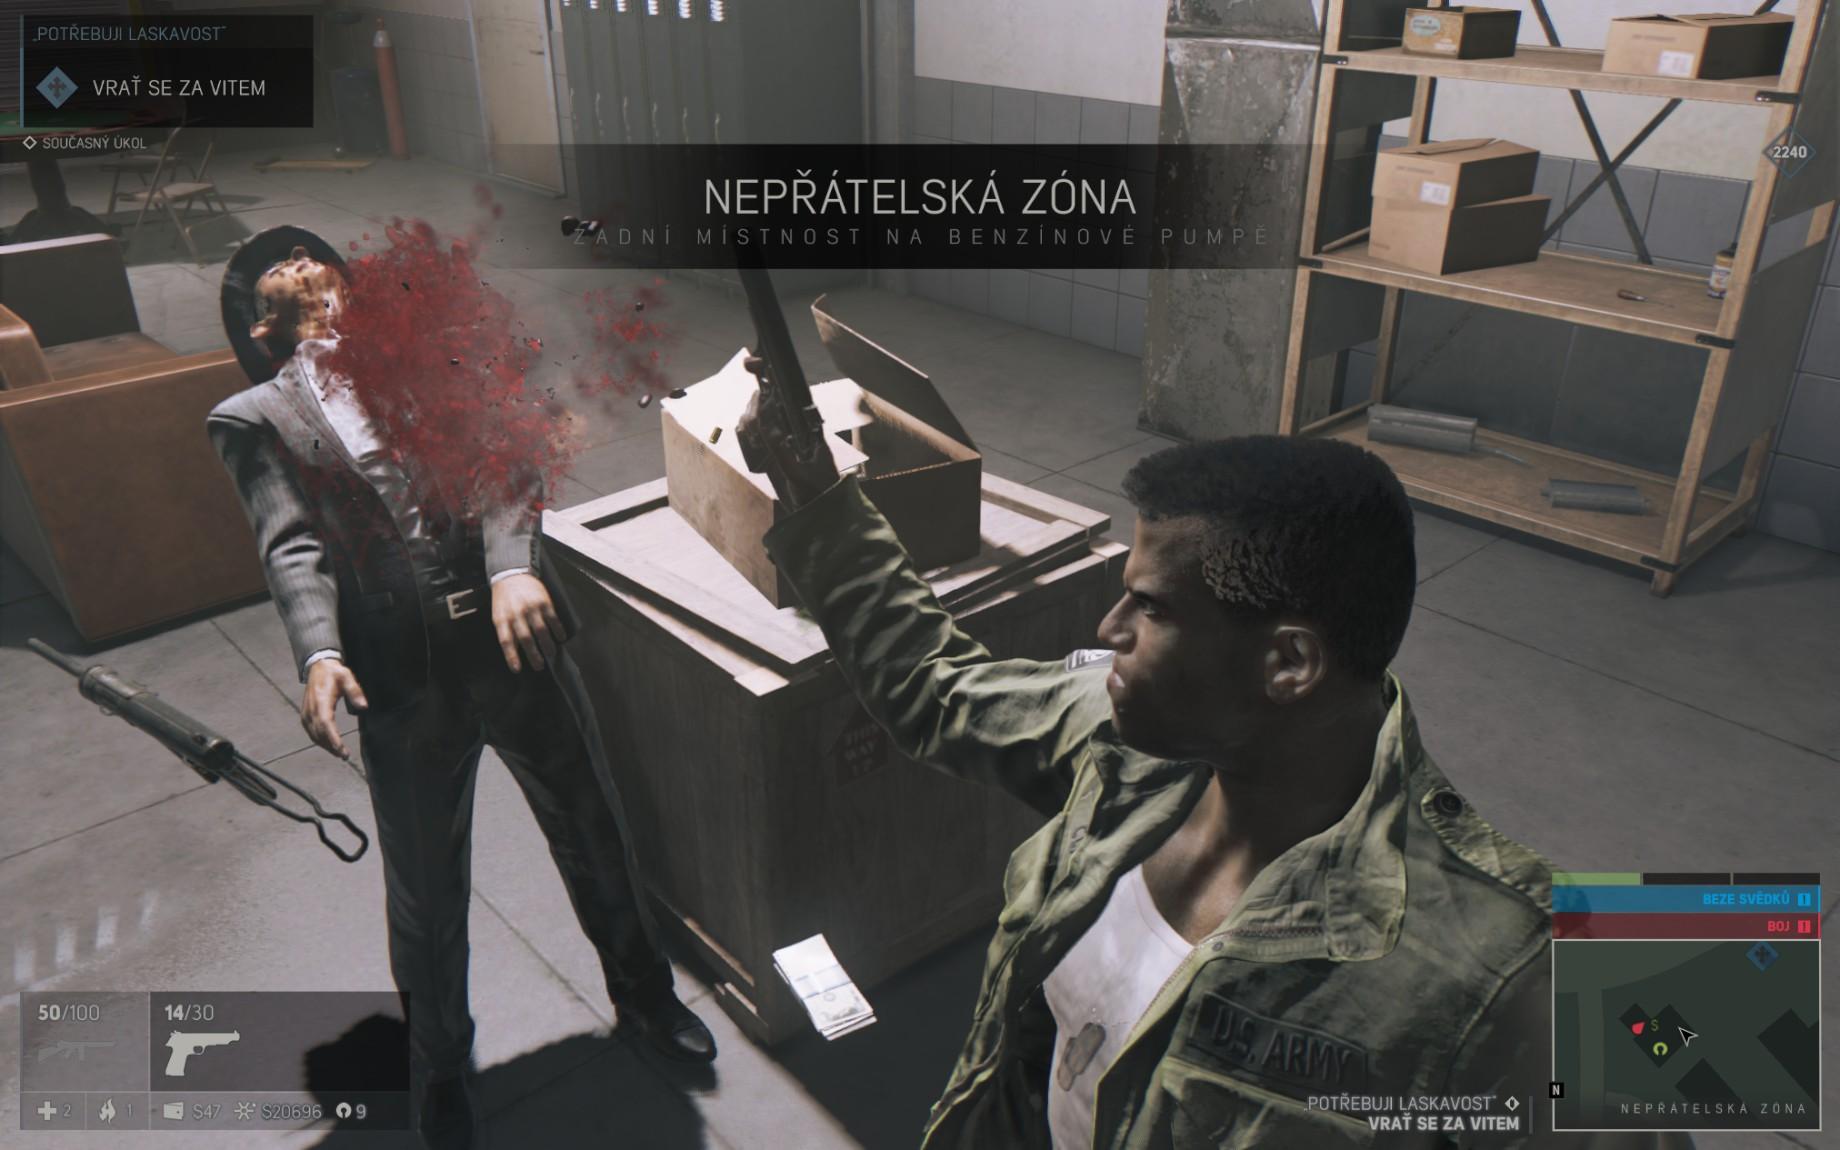 Mafia 3 - gangsterka na jiný způsob 131895